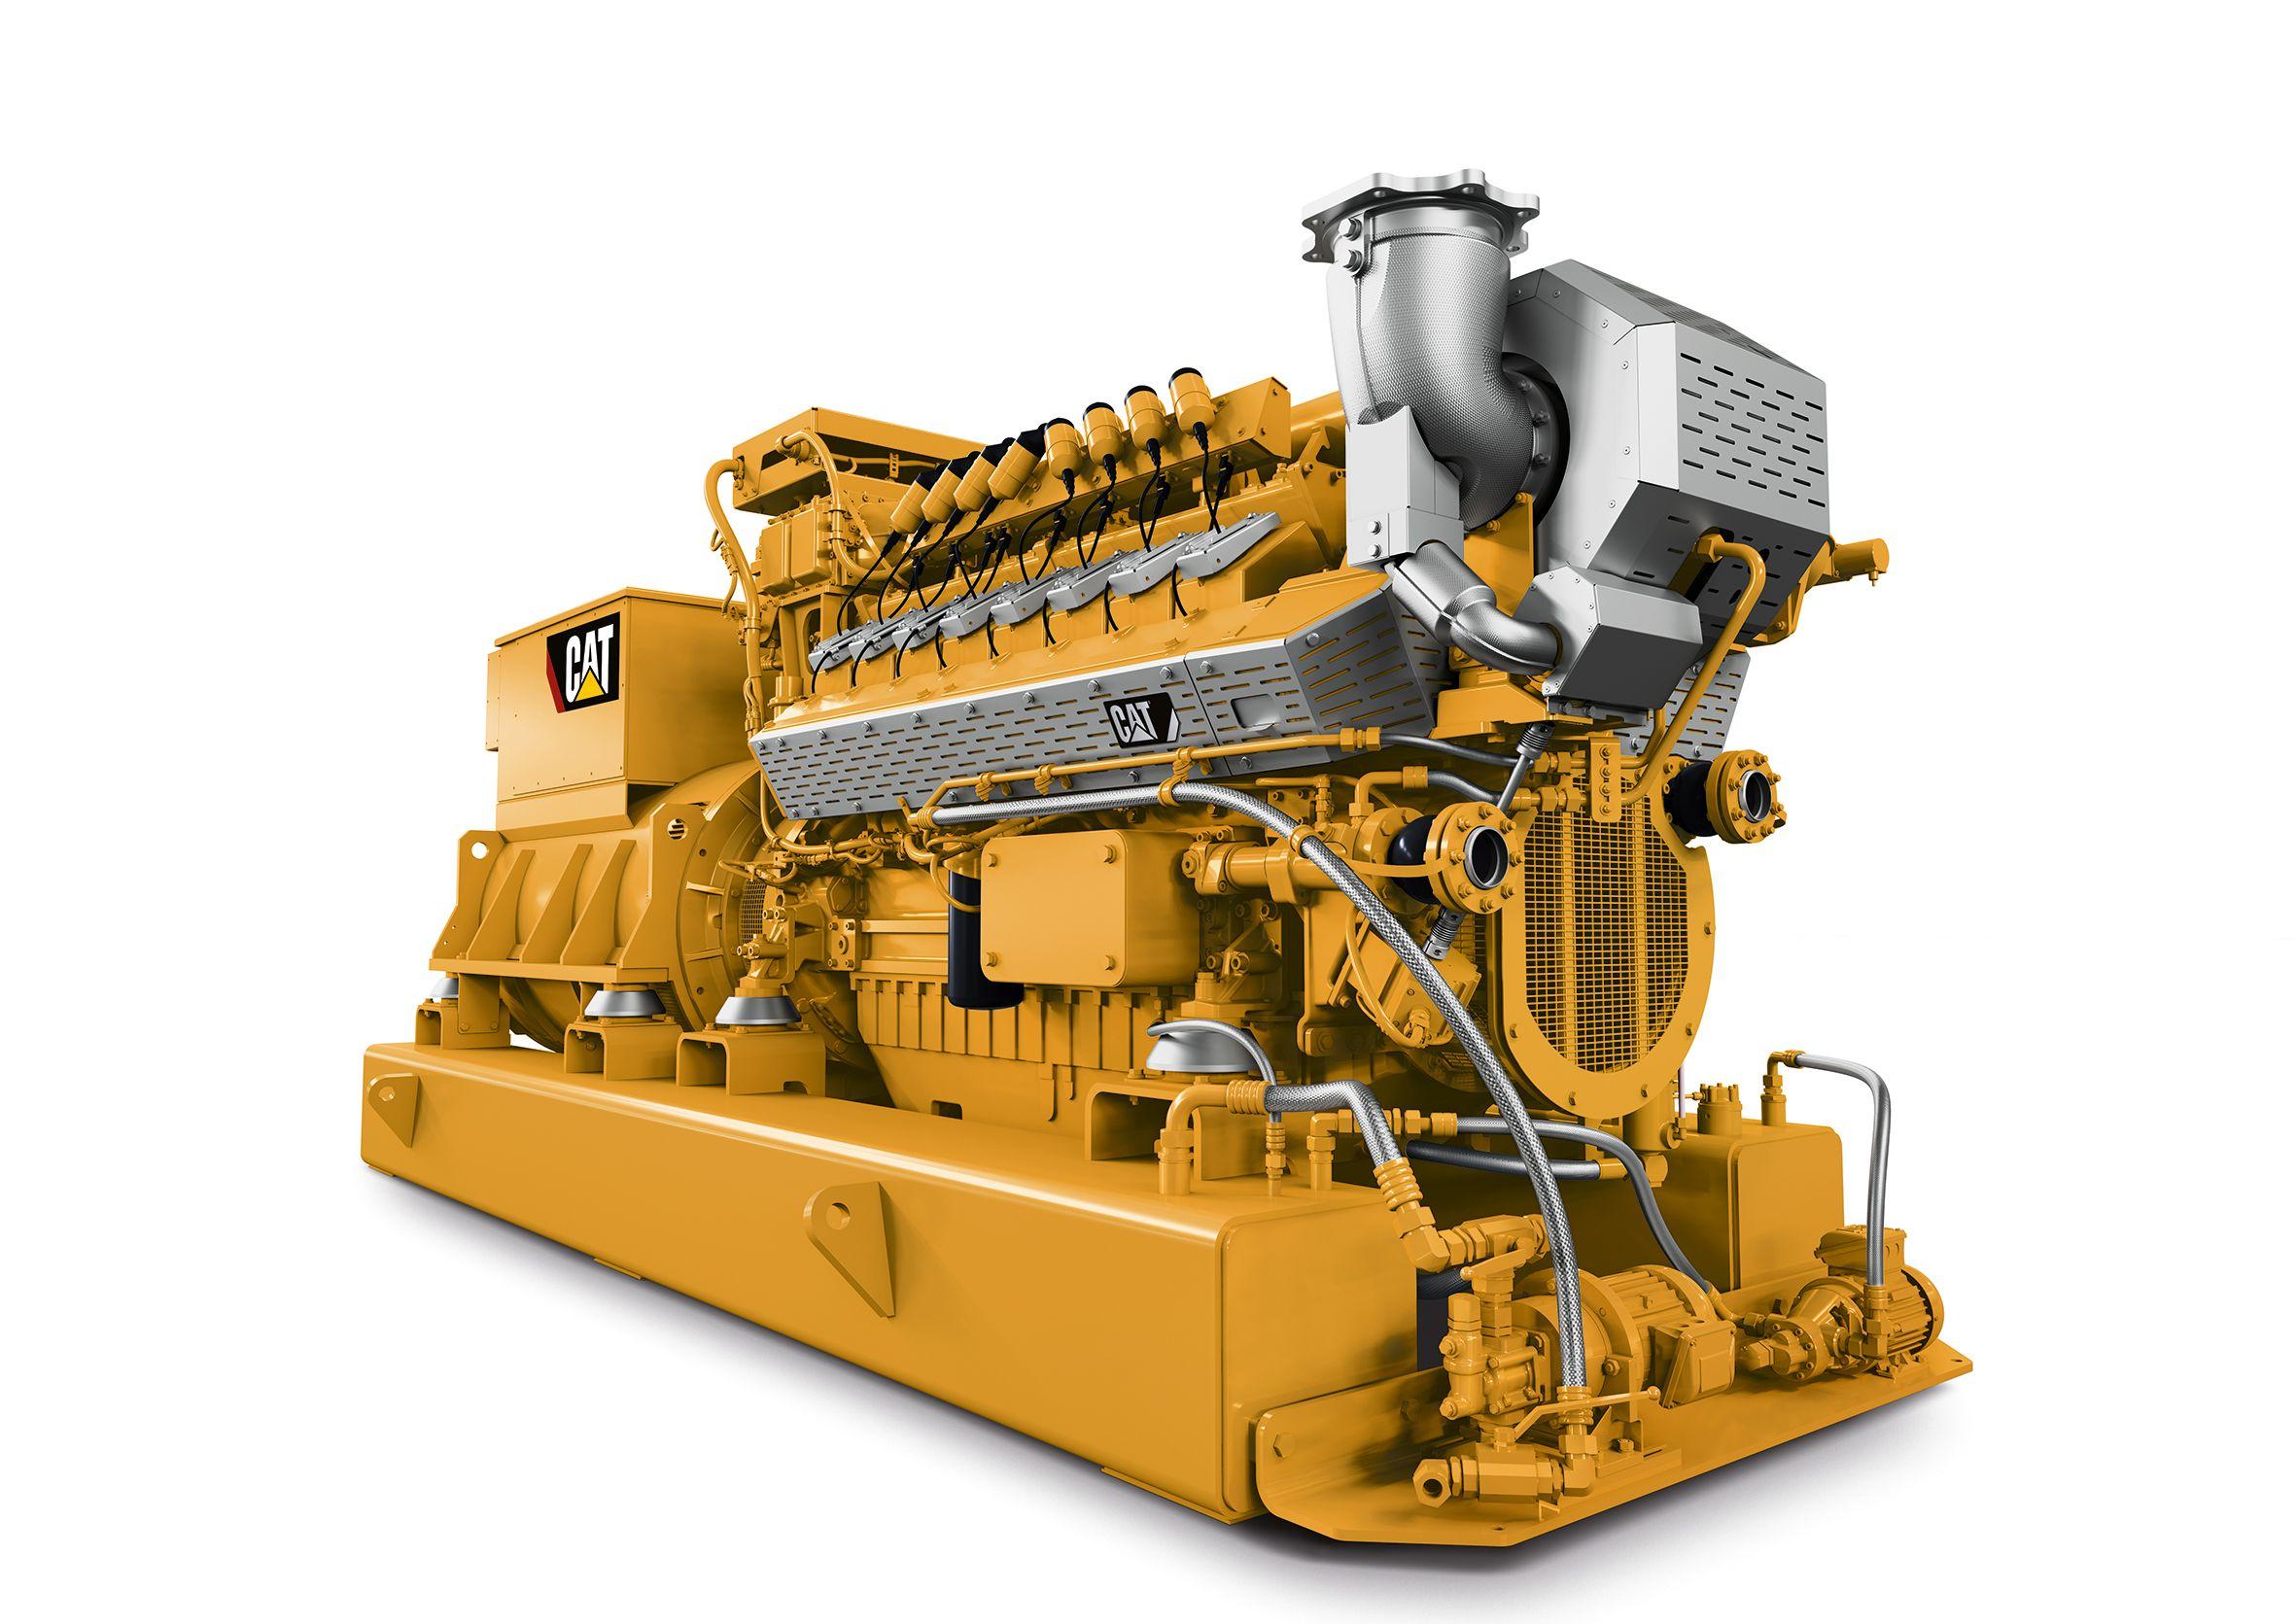 Cat | New Cat® CG132B Natural Gas Generator Set Delivers